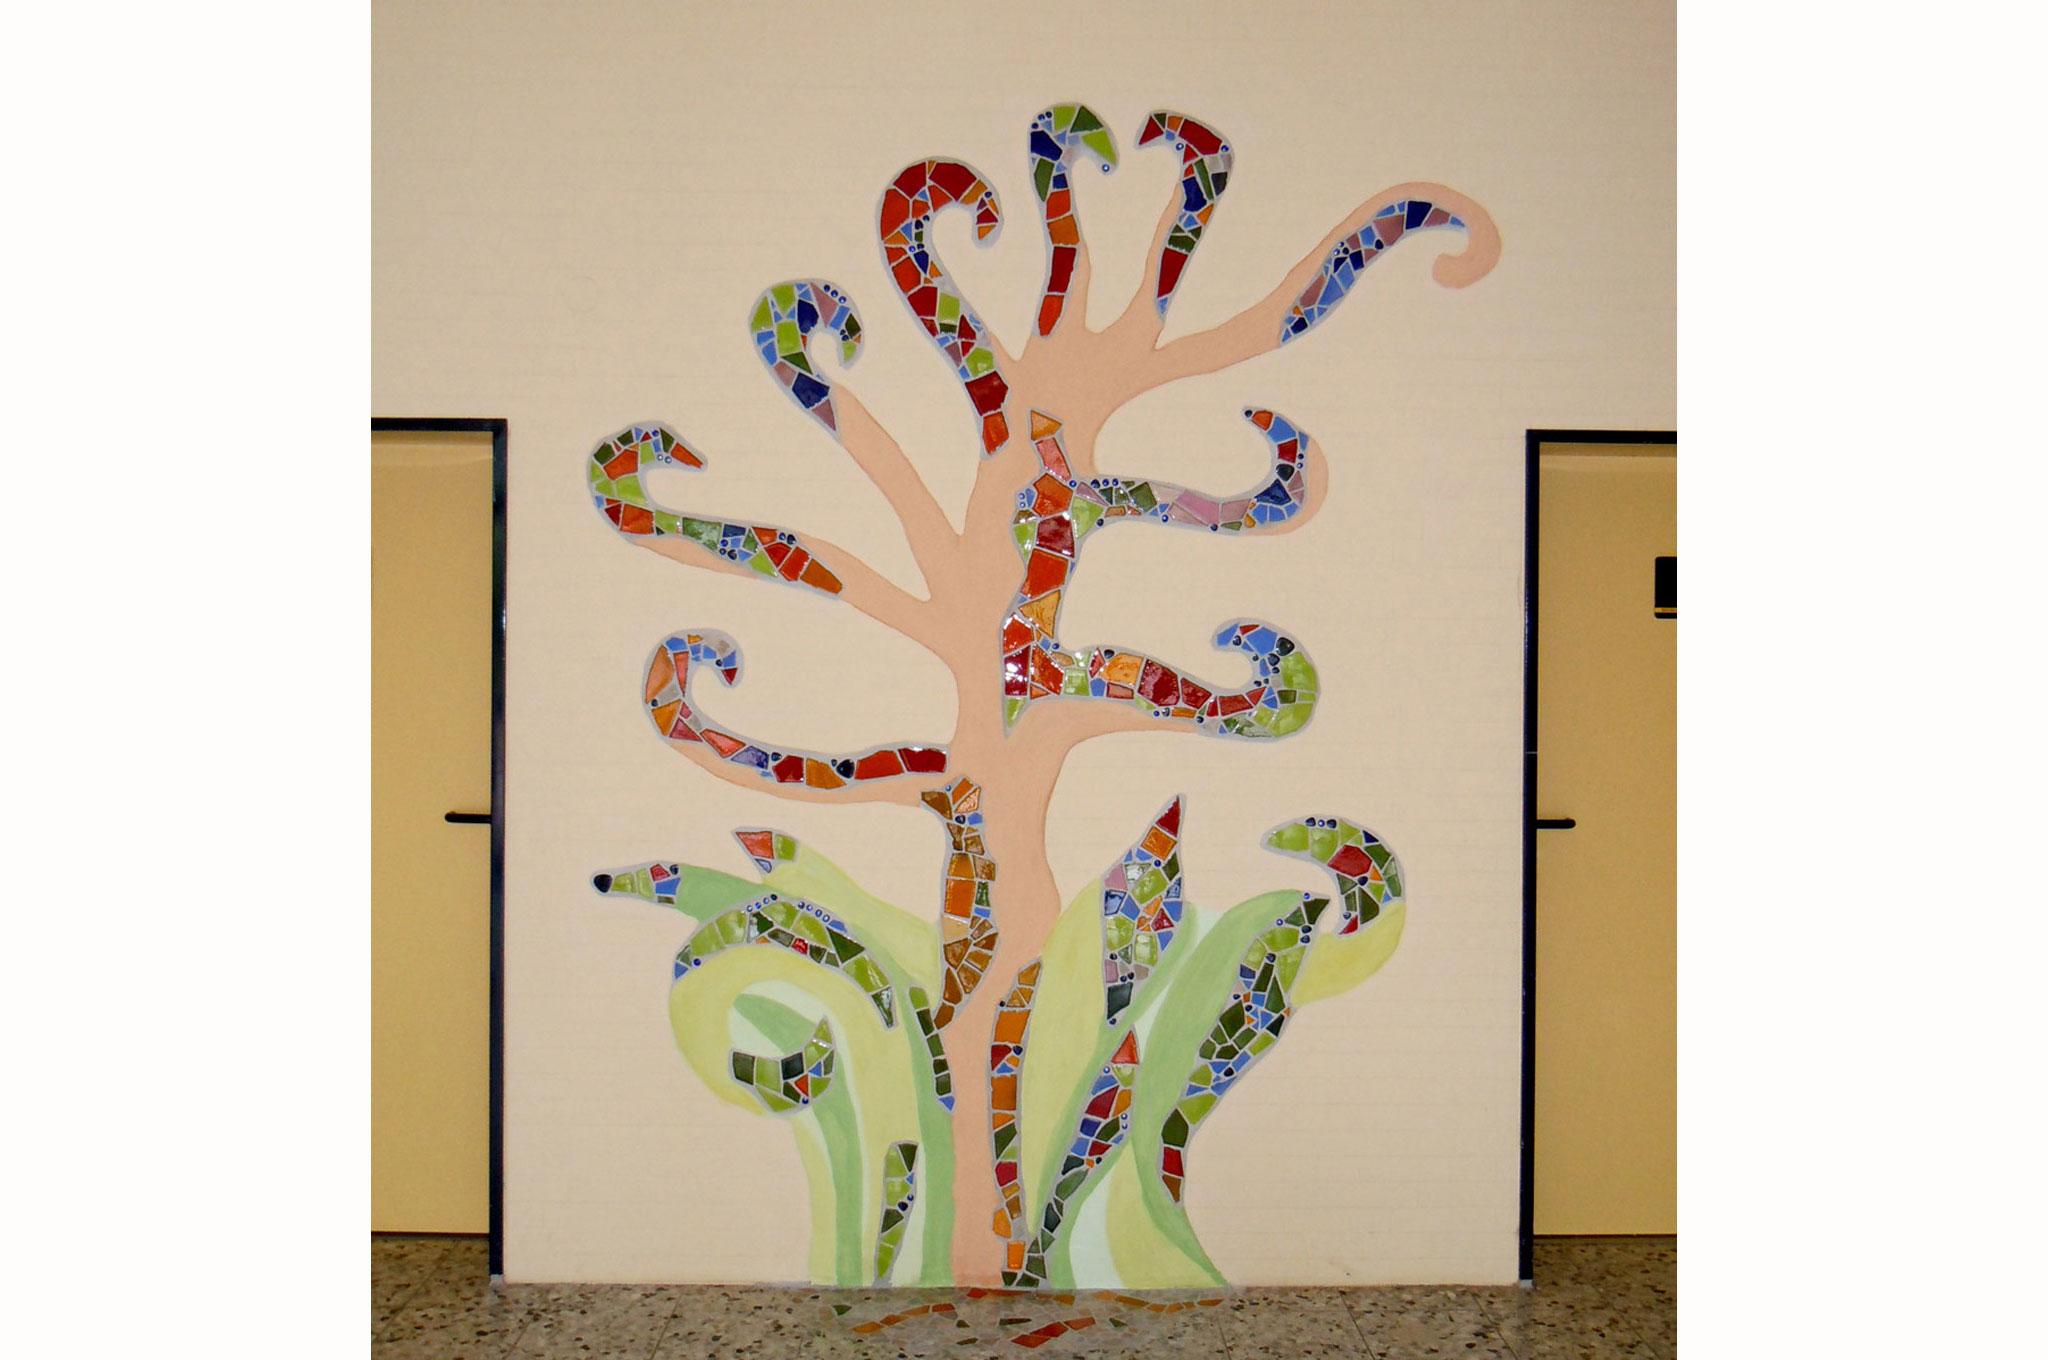 Der m rkerwald kunst am bau mit beteiligung tanja for Raumgestaltung partizipation